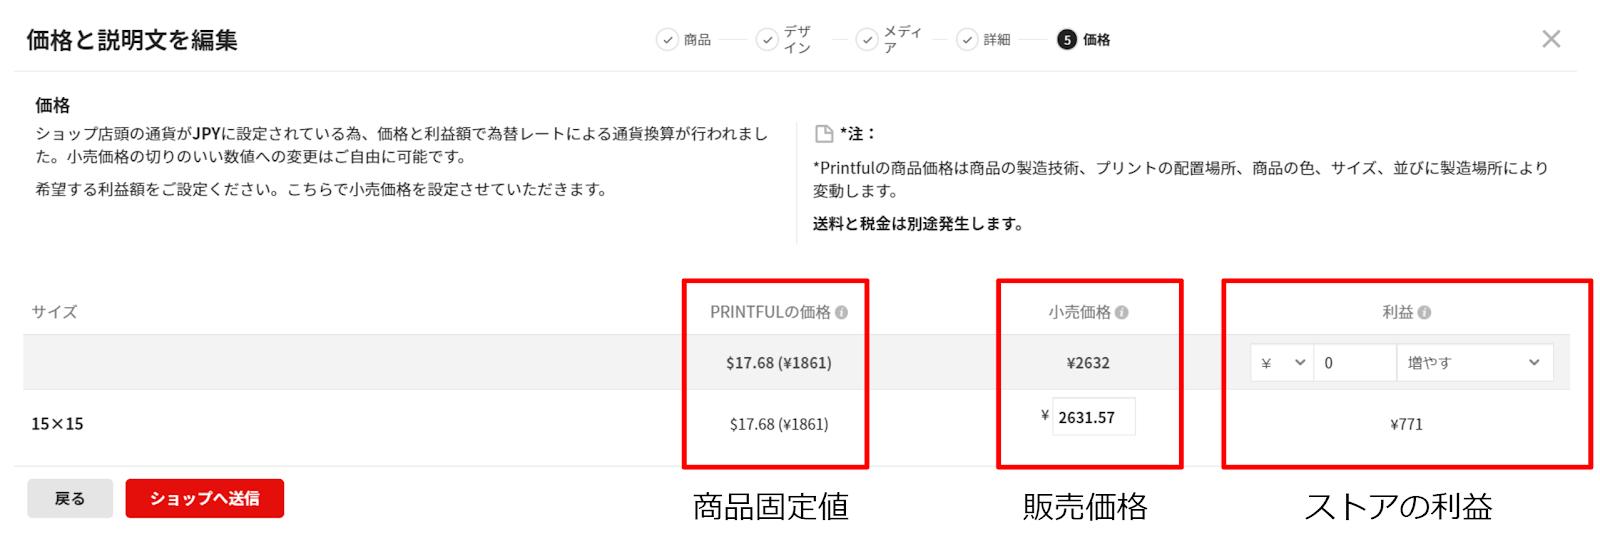 価格設定画面画像